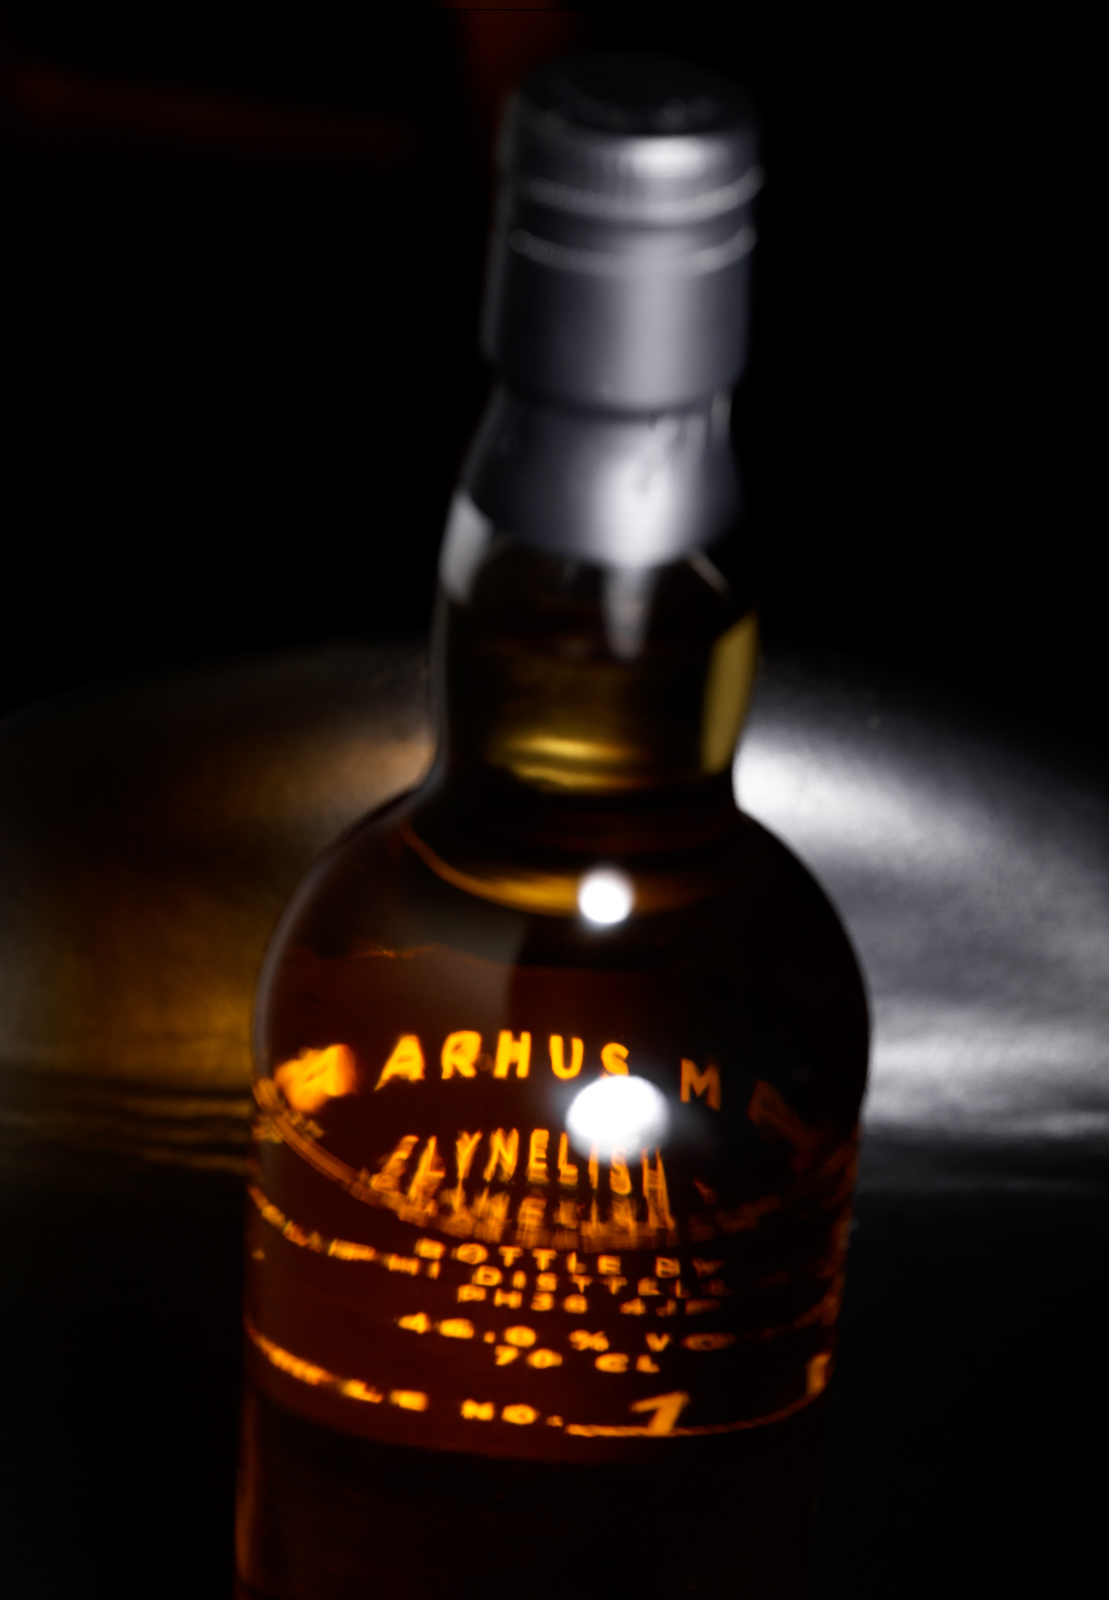 whisky aarhus malt_003.jpg